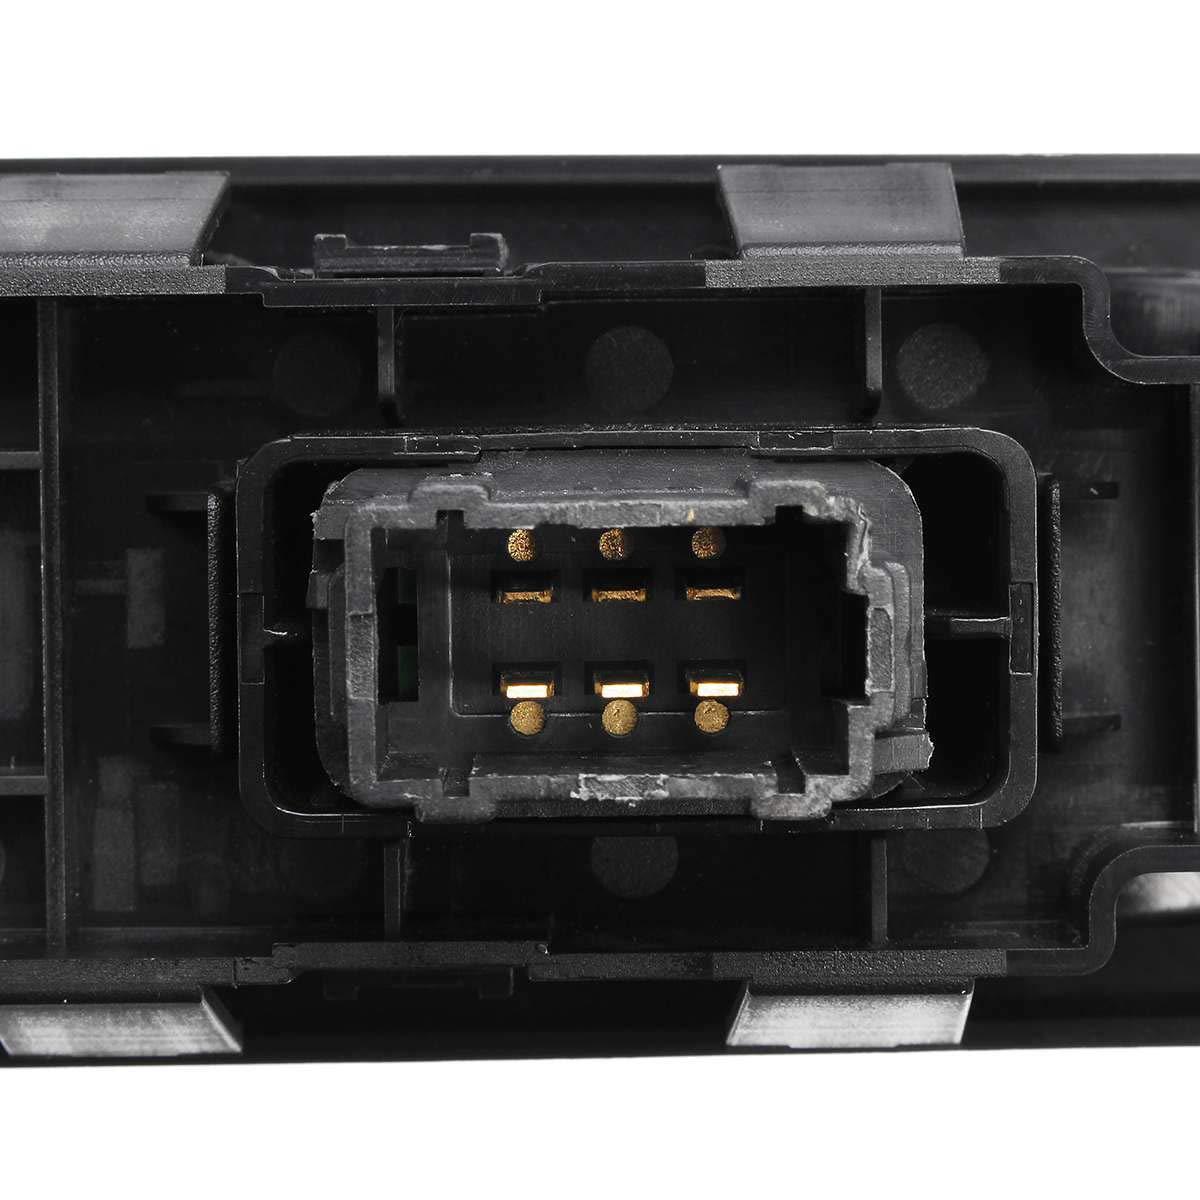 Nosii Interruptor de Control de la Ventana el/éctrica del Lado del Pasajero de 6 Pines para Peugeot 207 2007-2015 6490.HQ 6554.HJ